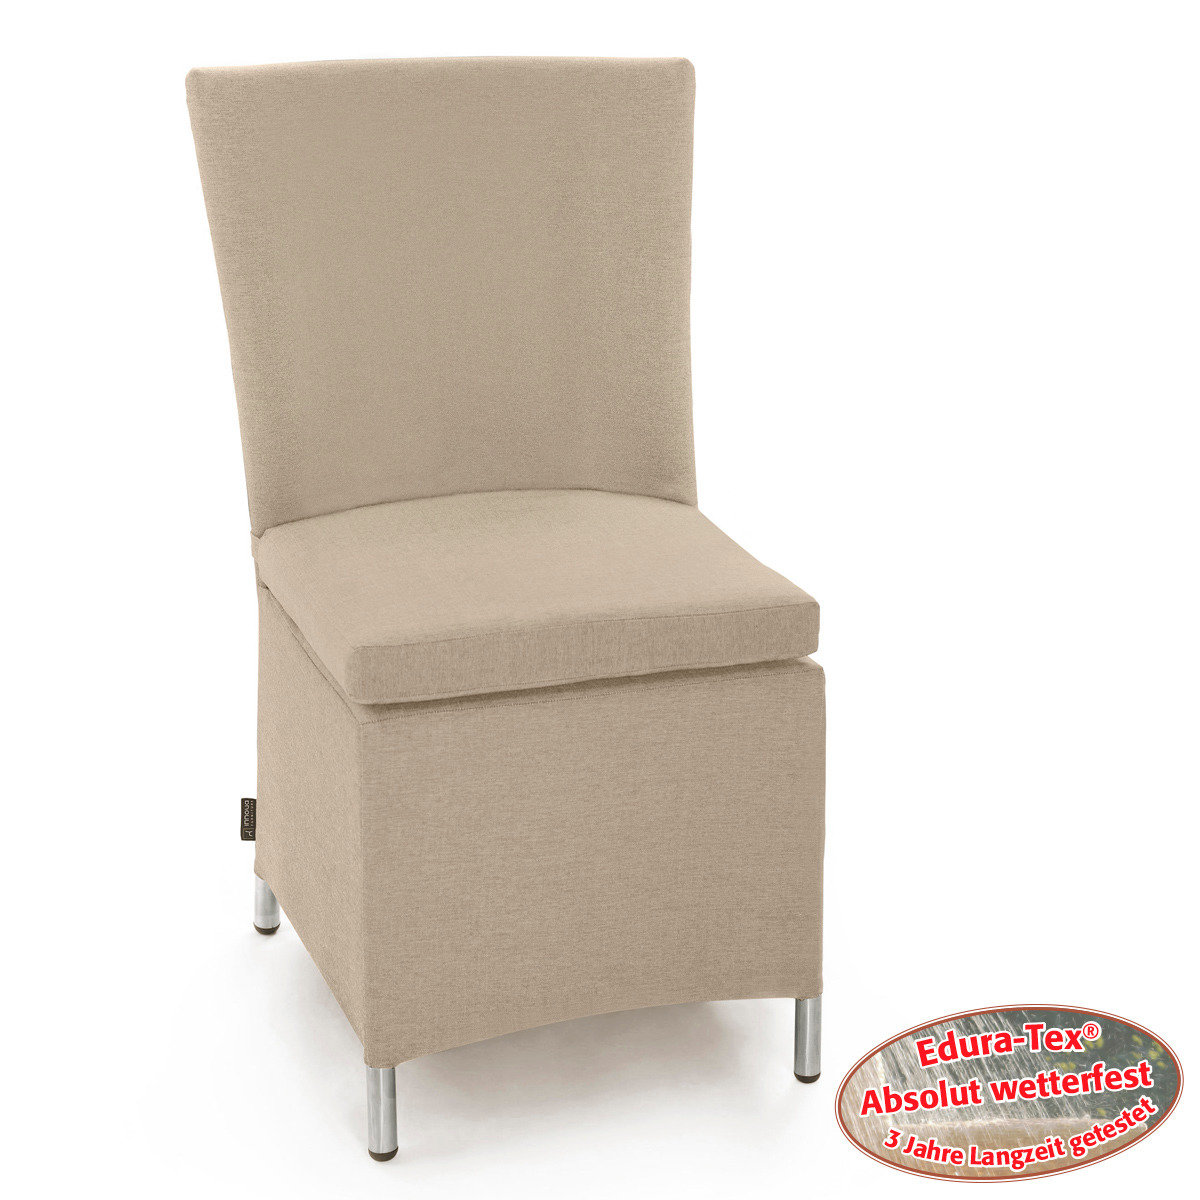 Outdoor Sessel Daisy ohne Armlehnen beige